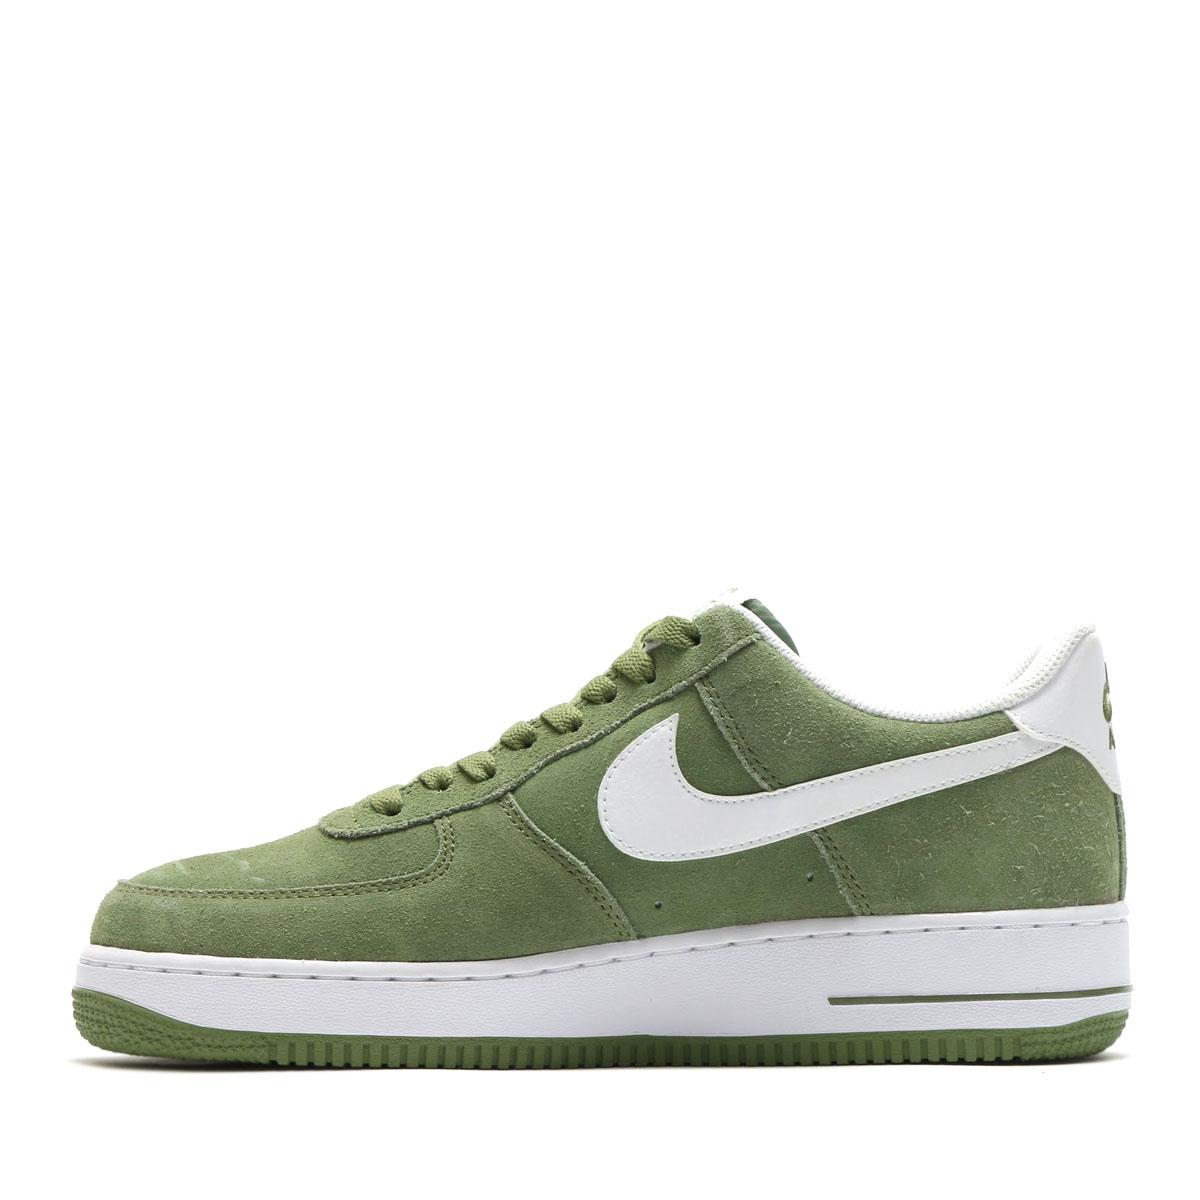 Nike Air Force 1 '07 315122 306